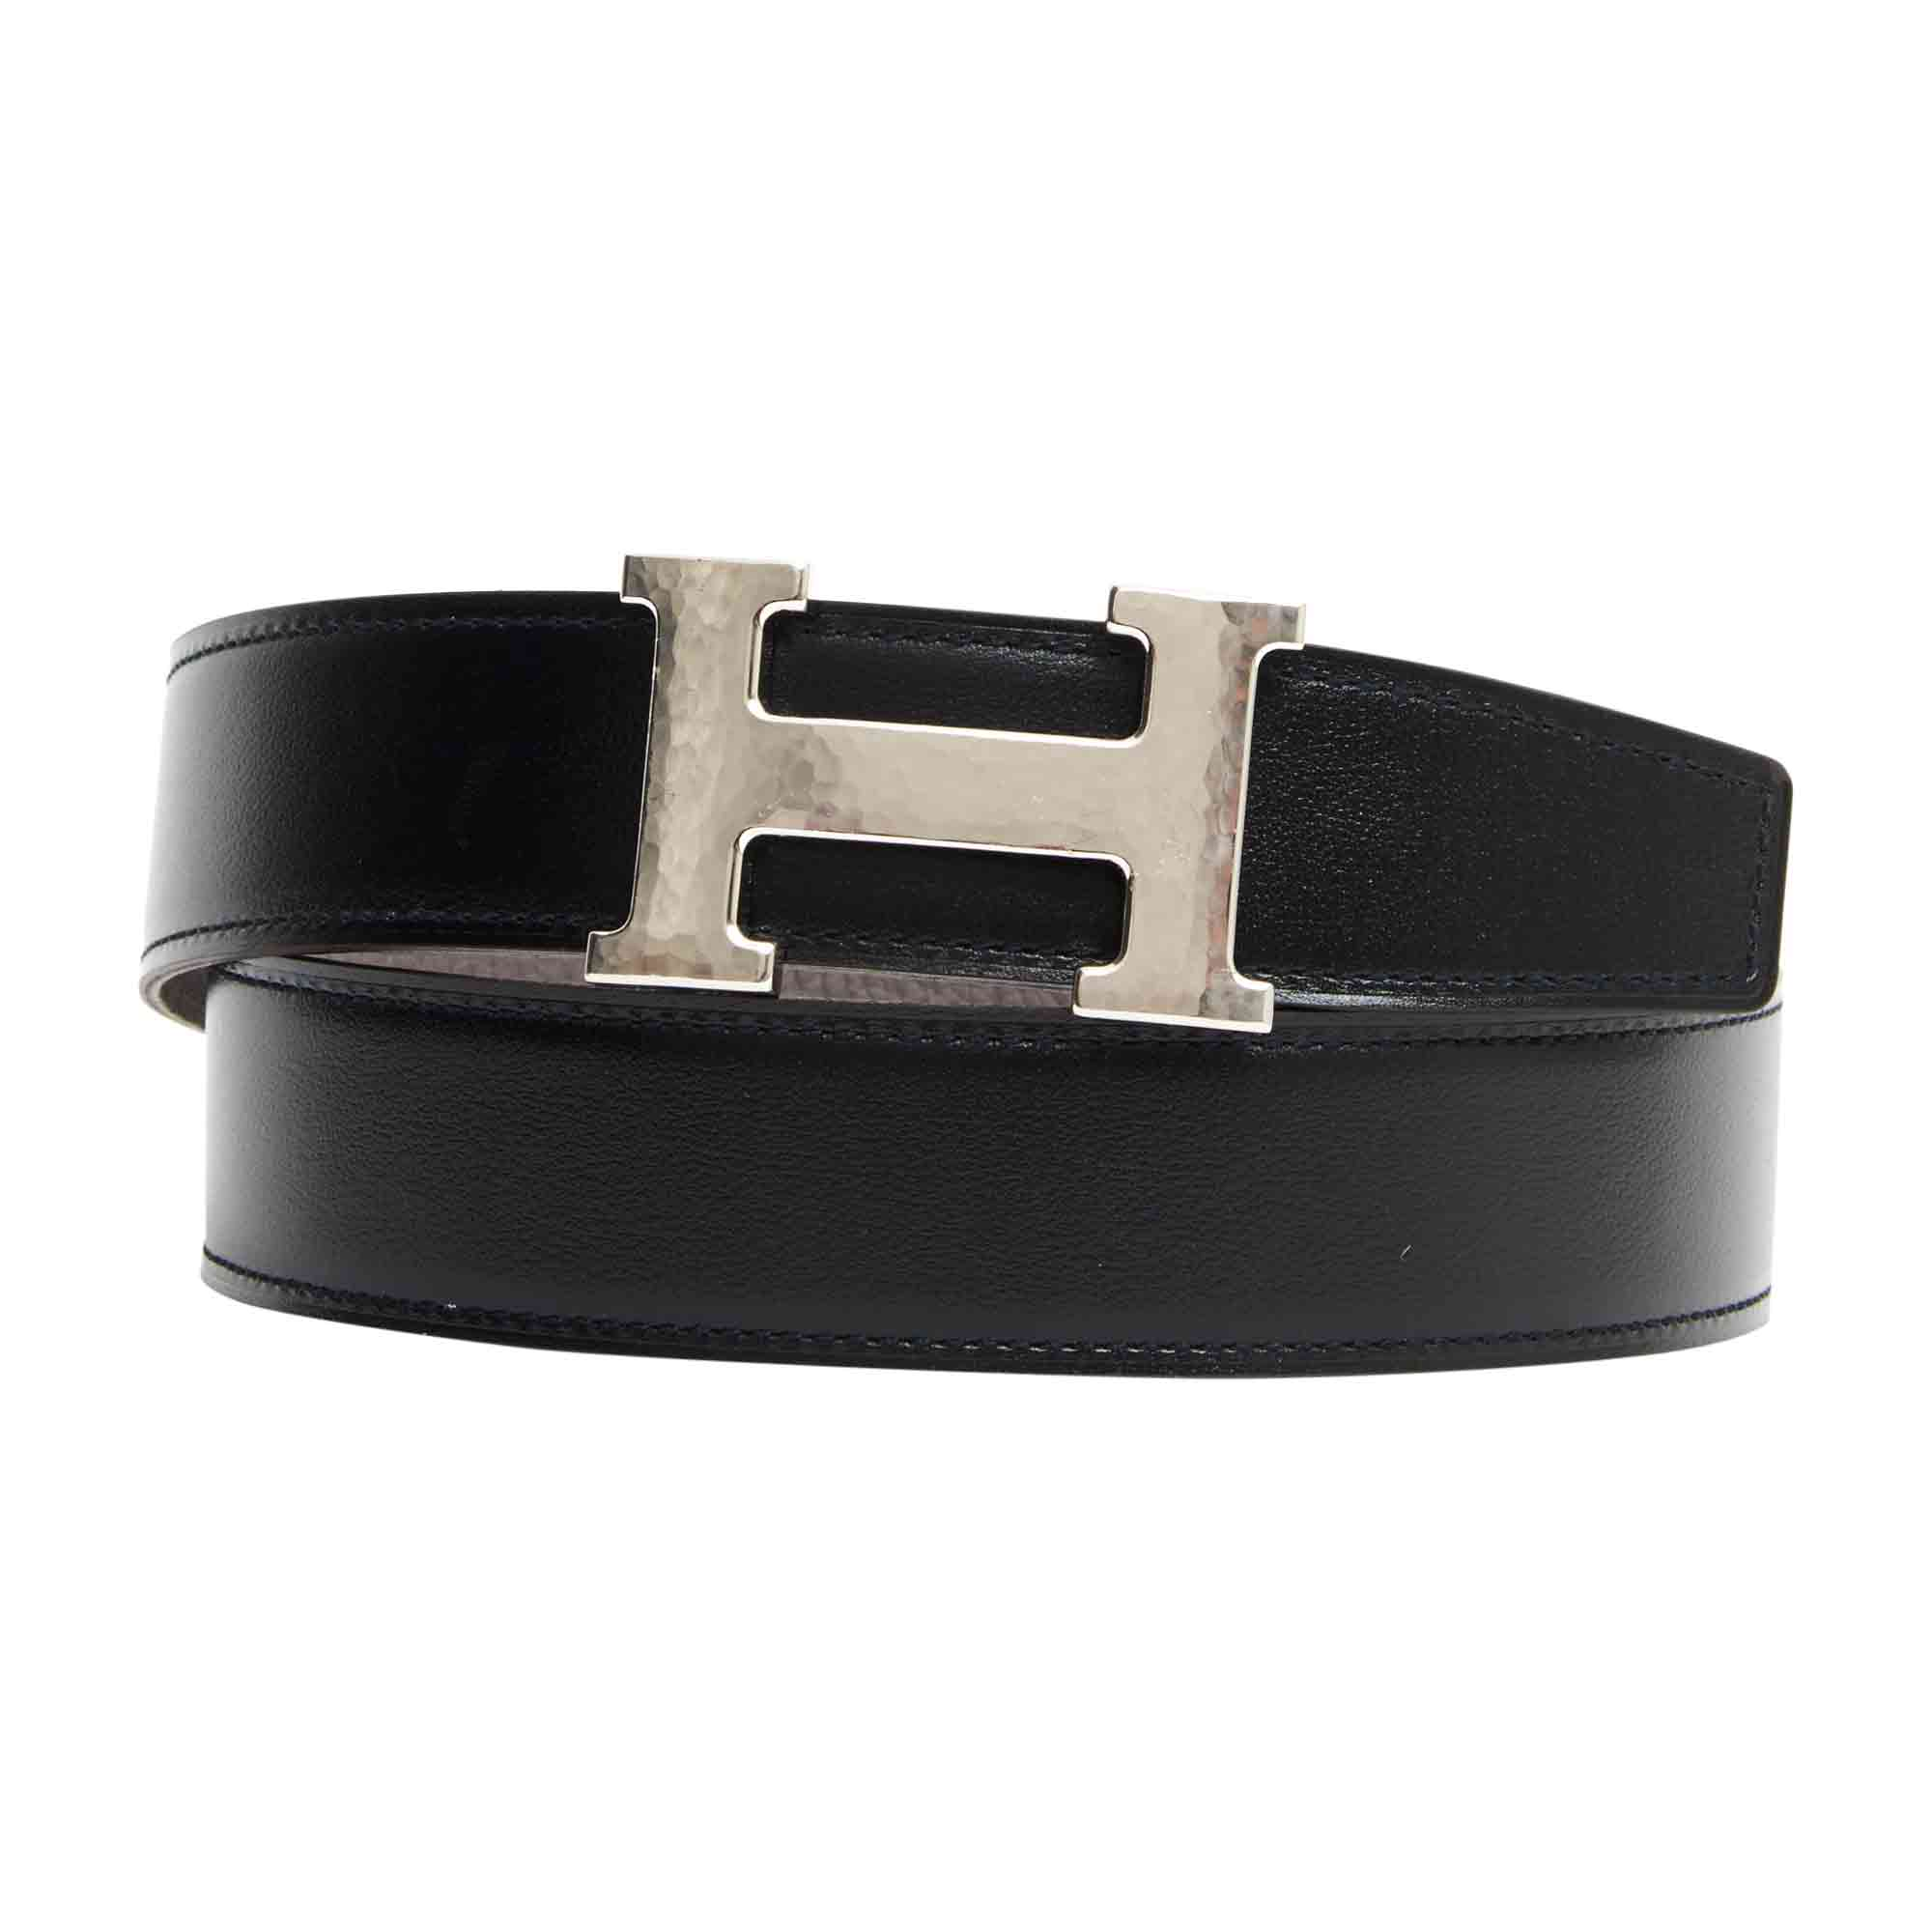 7616b8f814a Ceinture fine HERMÈS ceinture h 90 noir vendu par Larcher - 6312339